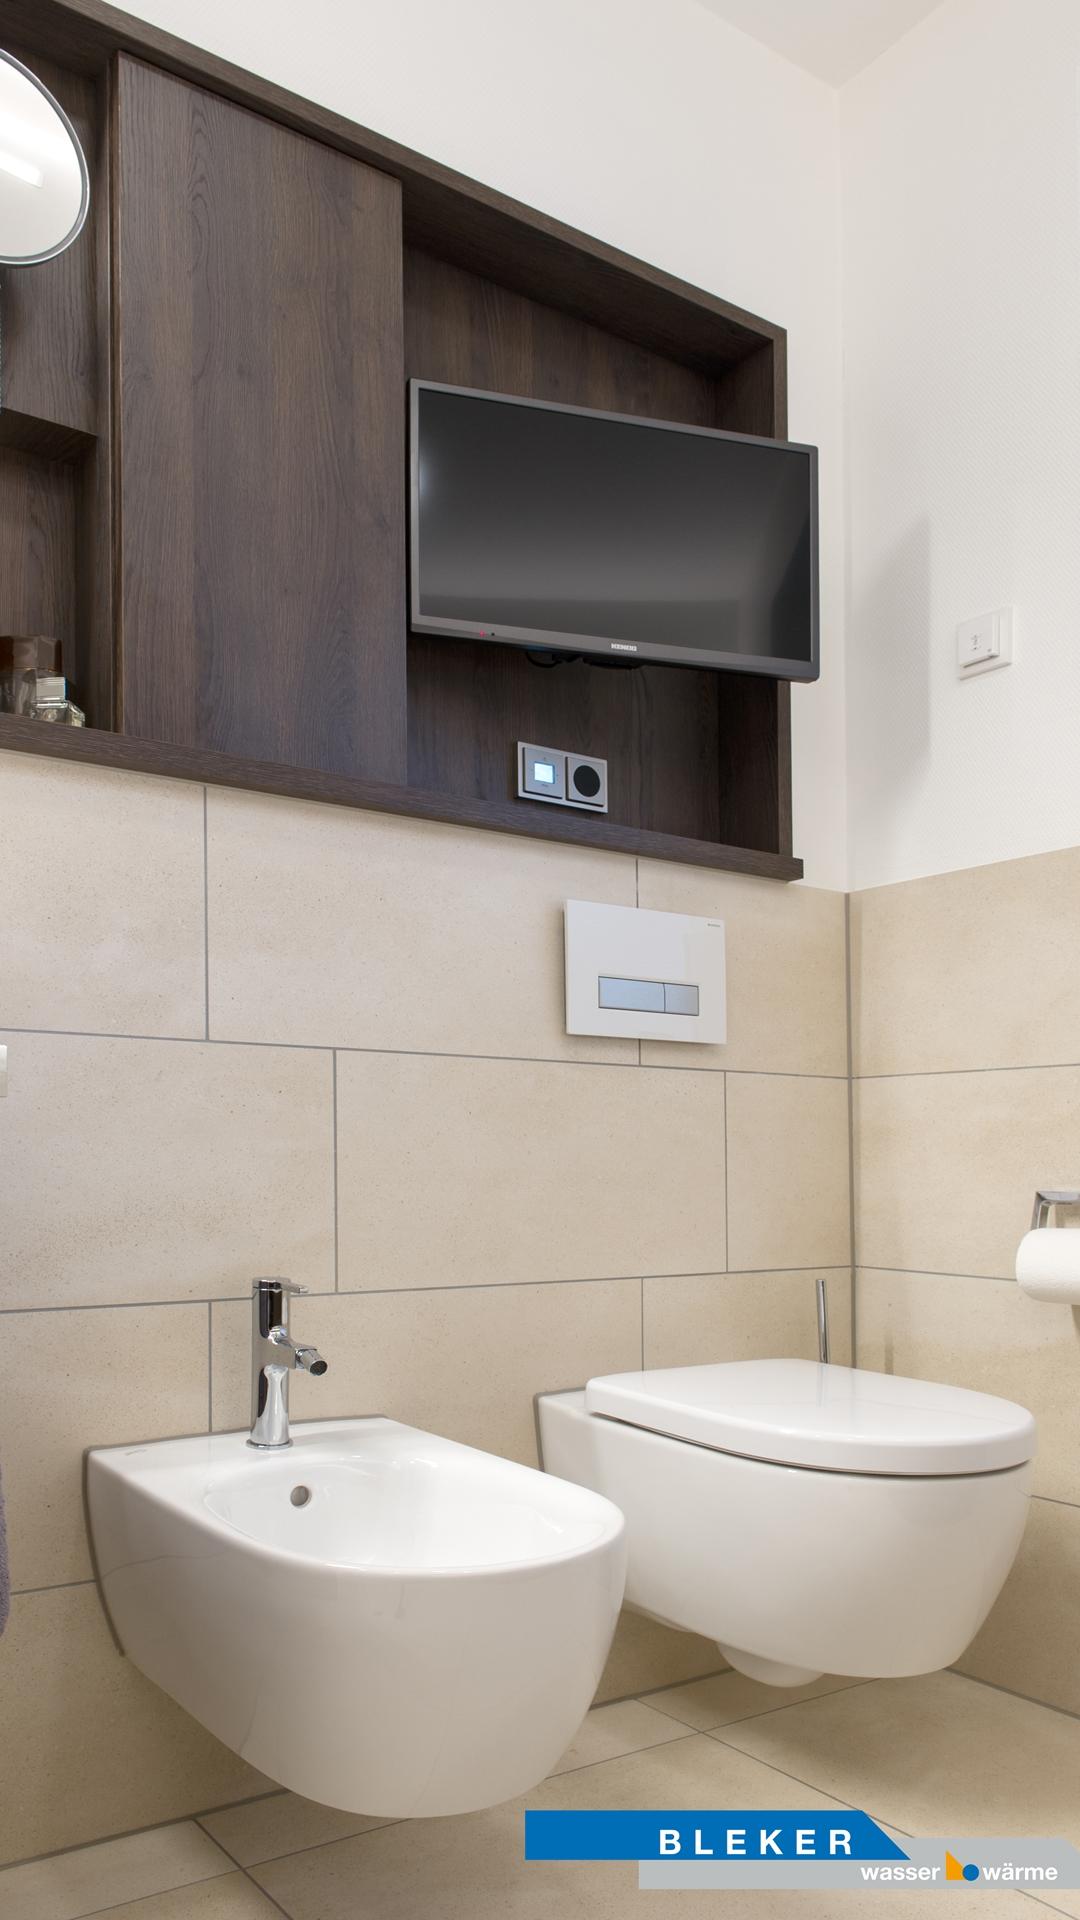 Toilette und Bidet darüber ein eingebauter Fernseher